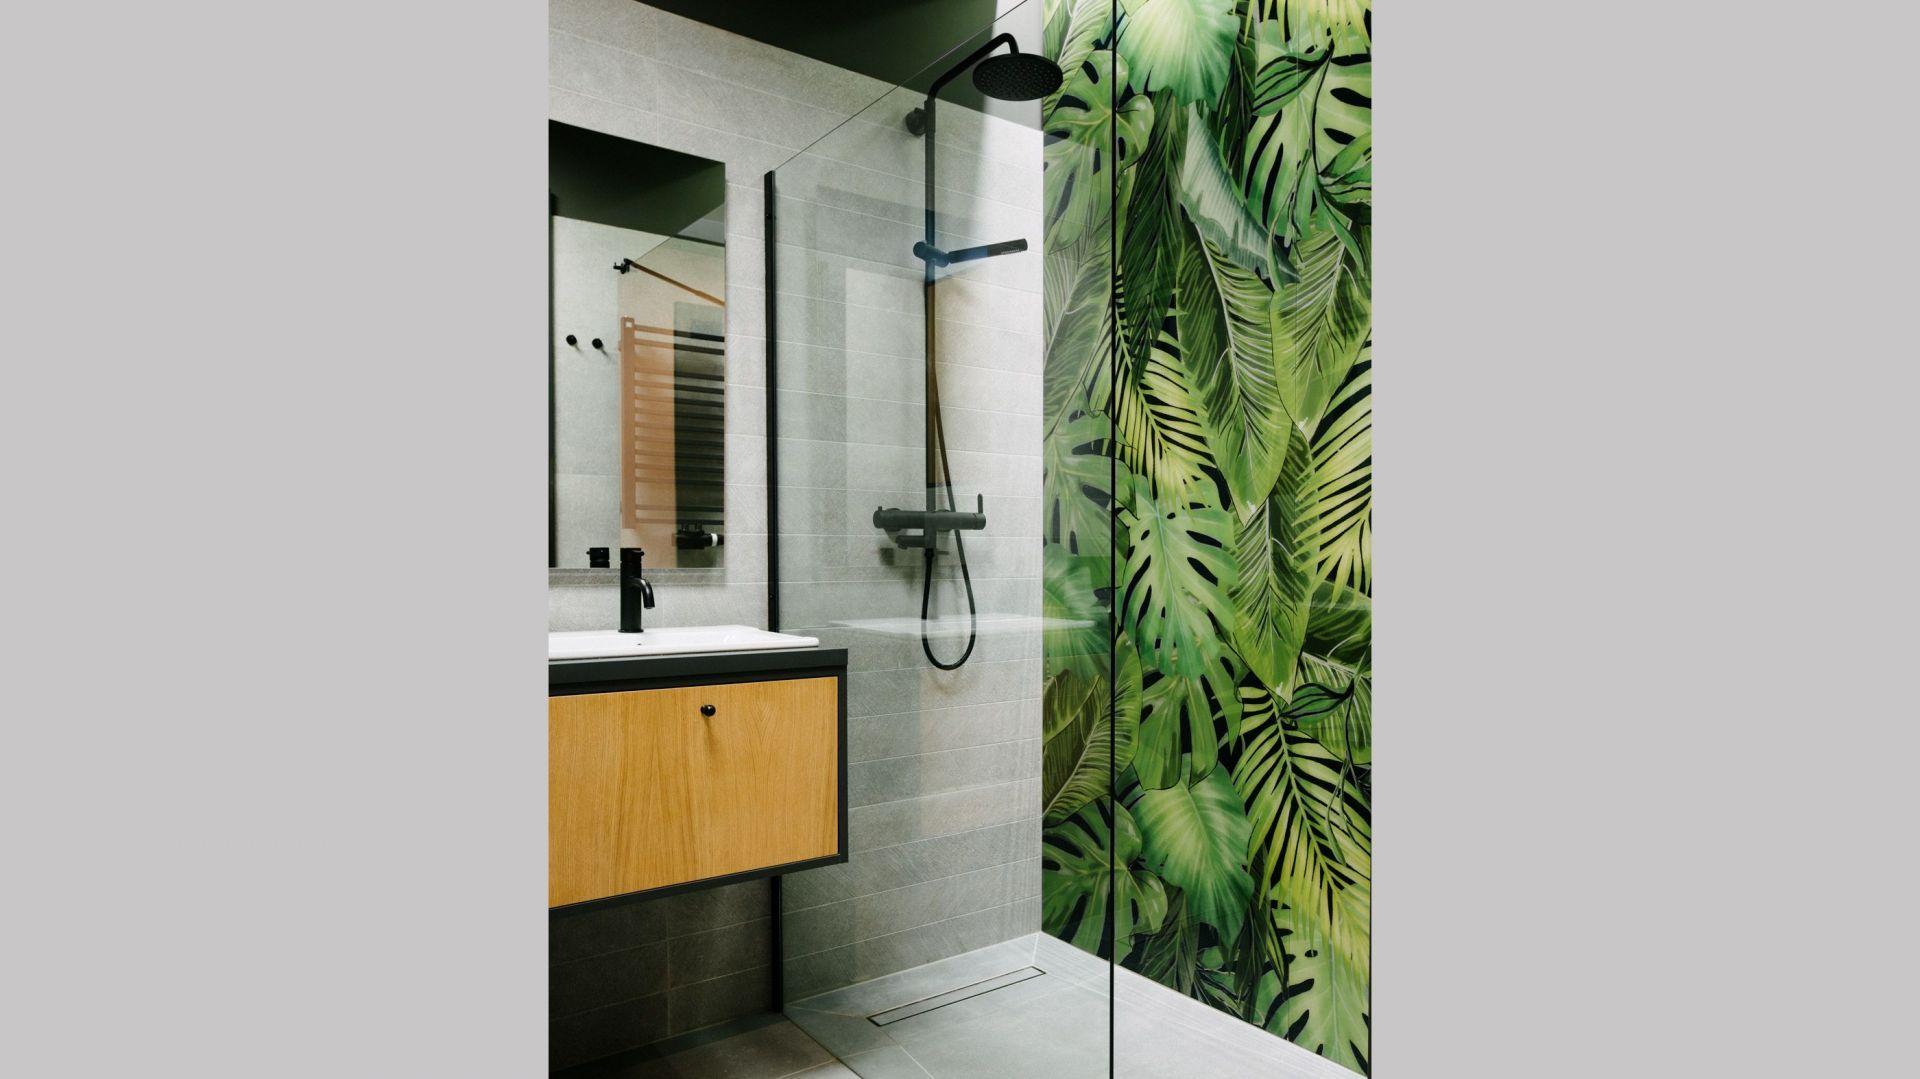 Fototapeta, którą wykończona została jedna ze ścian w łazience, stanowi mocny akcent dekoracyjny. Projekt: Barbara Bulska, Piotr Czajkowski, pracownia PLAN A. Fot. Adam Biermat